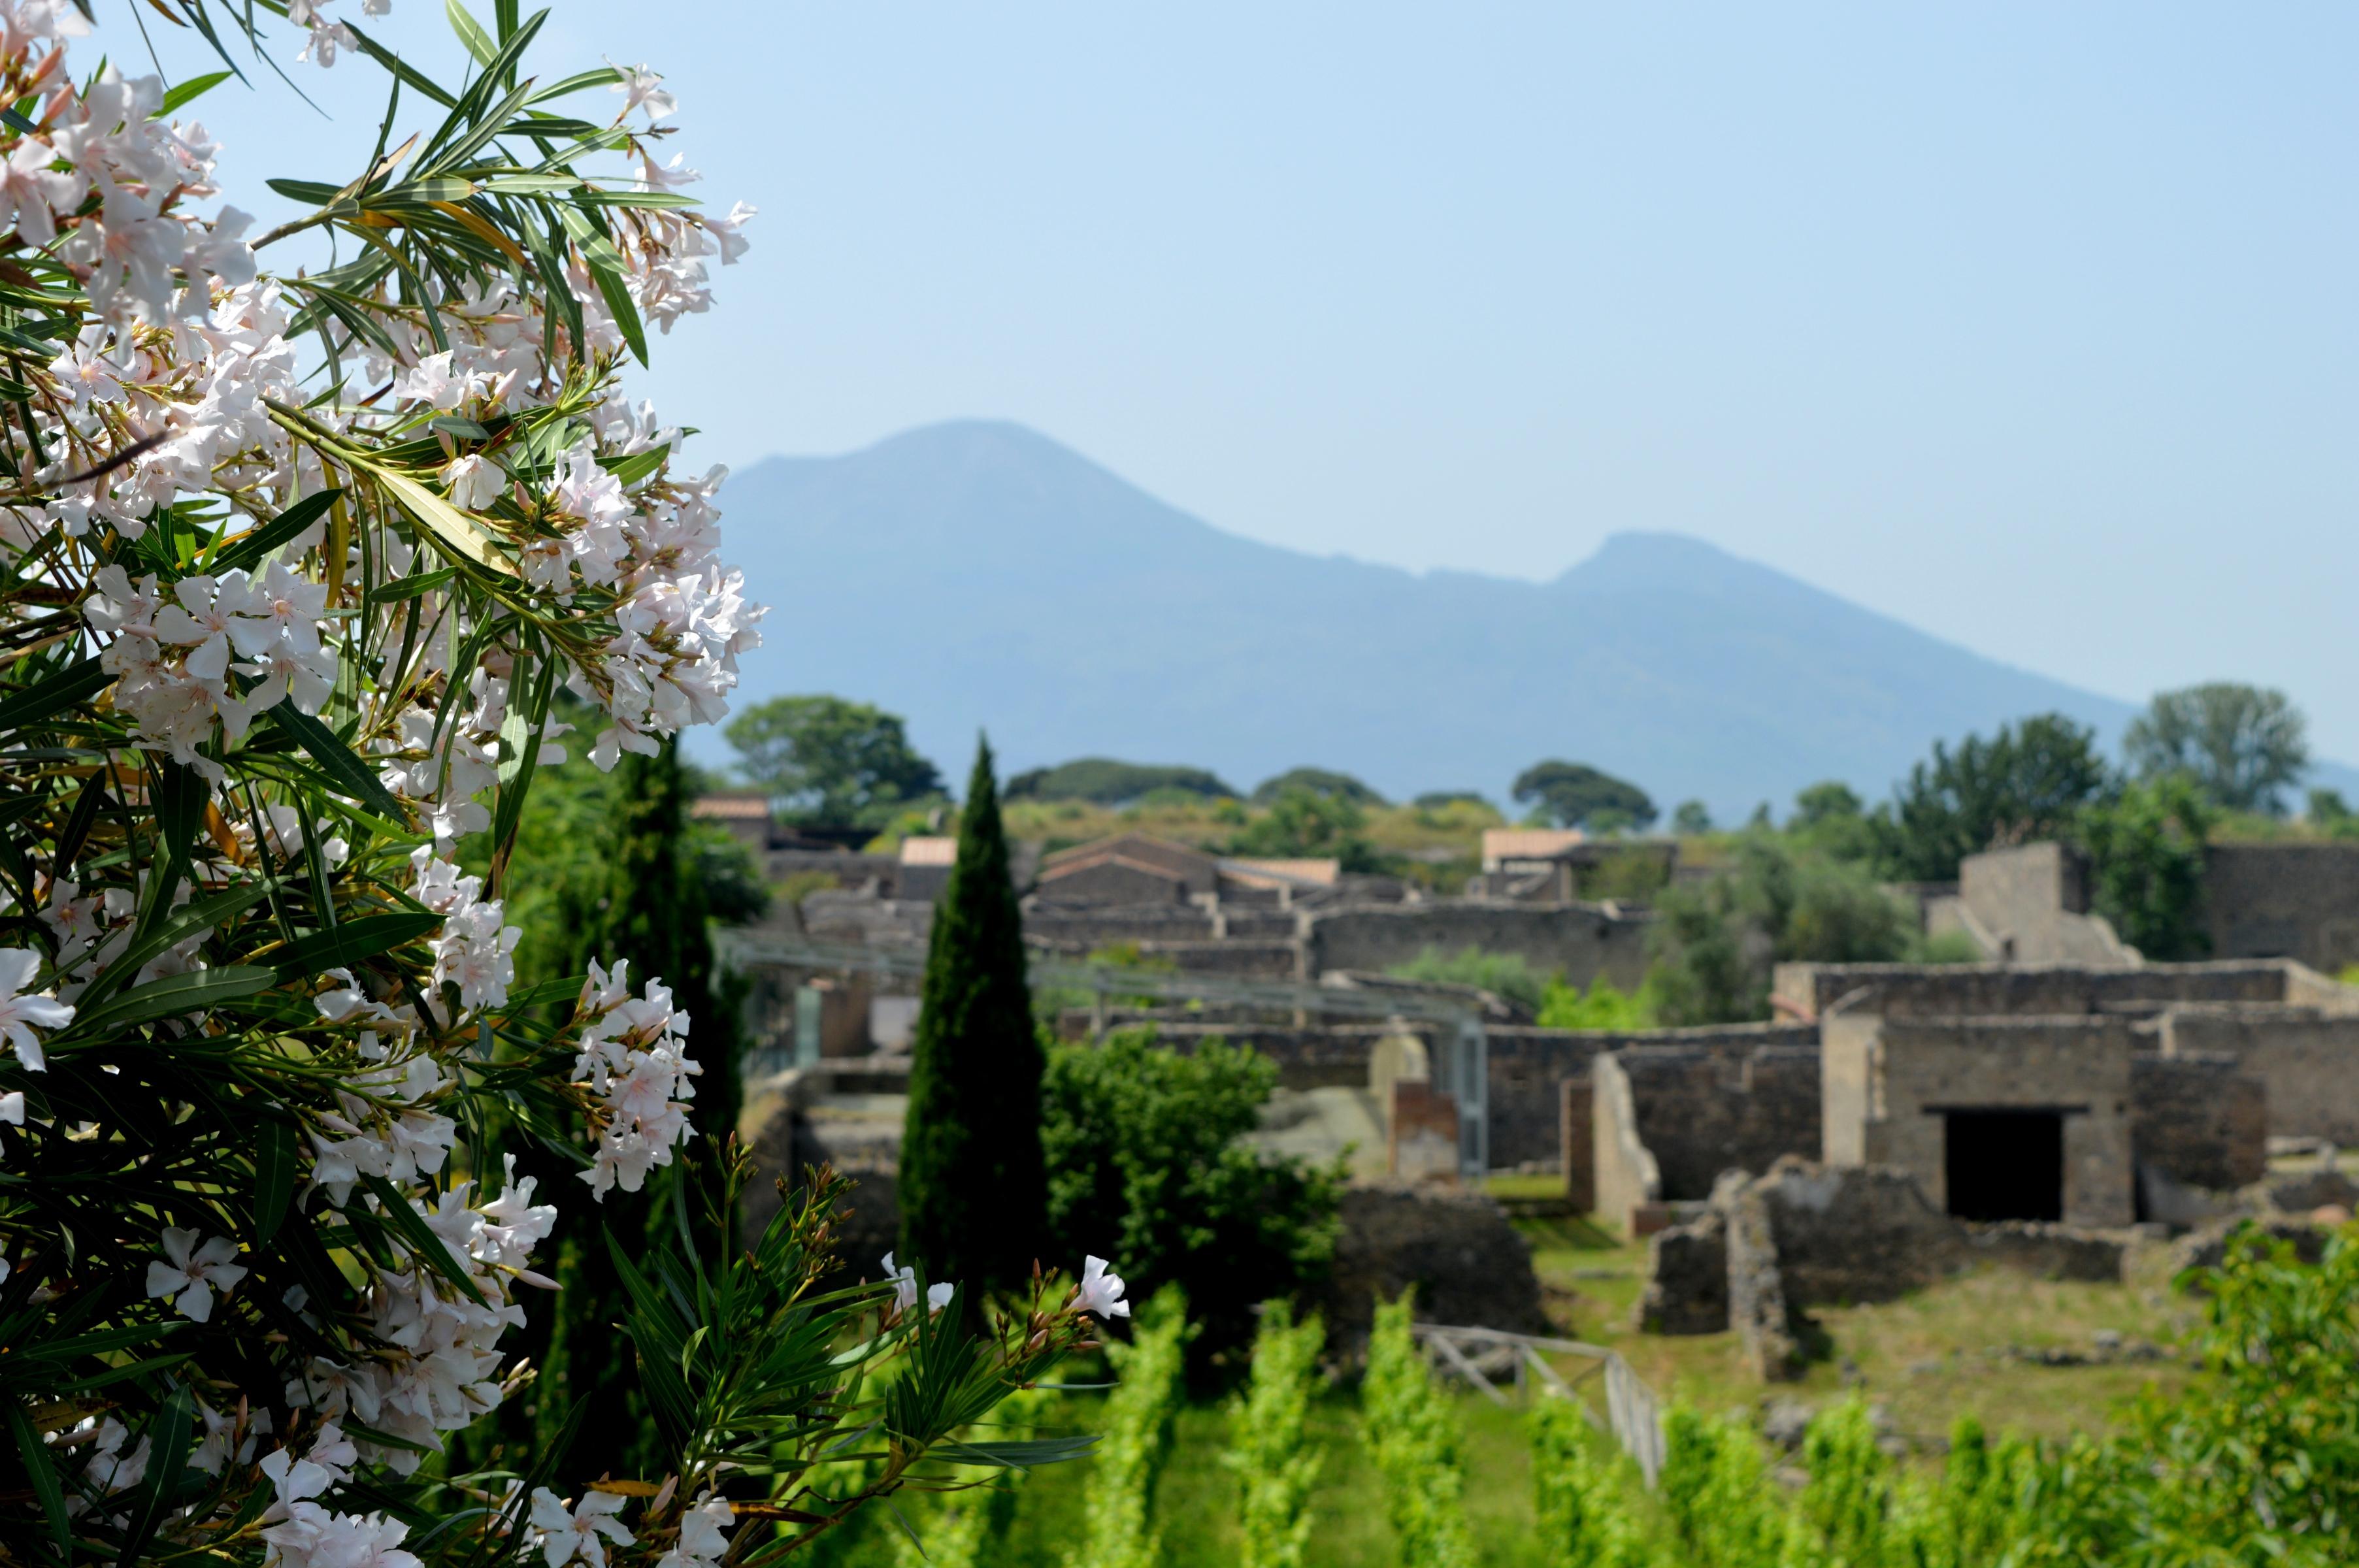 Nápoly & Pompeji – ahol térdig gázoltam a történelemben